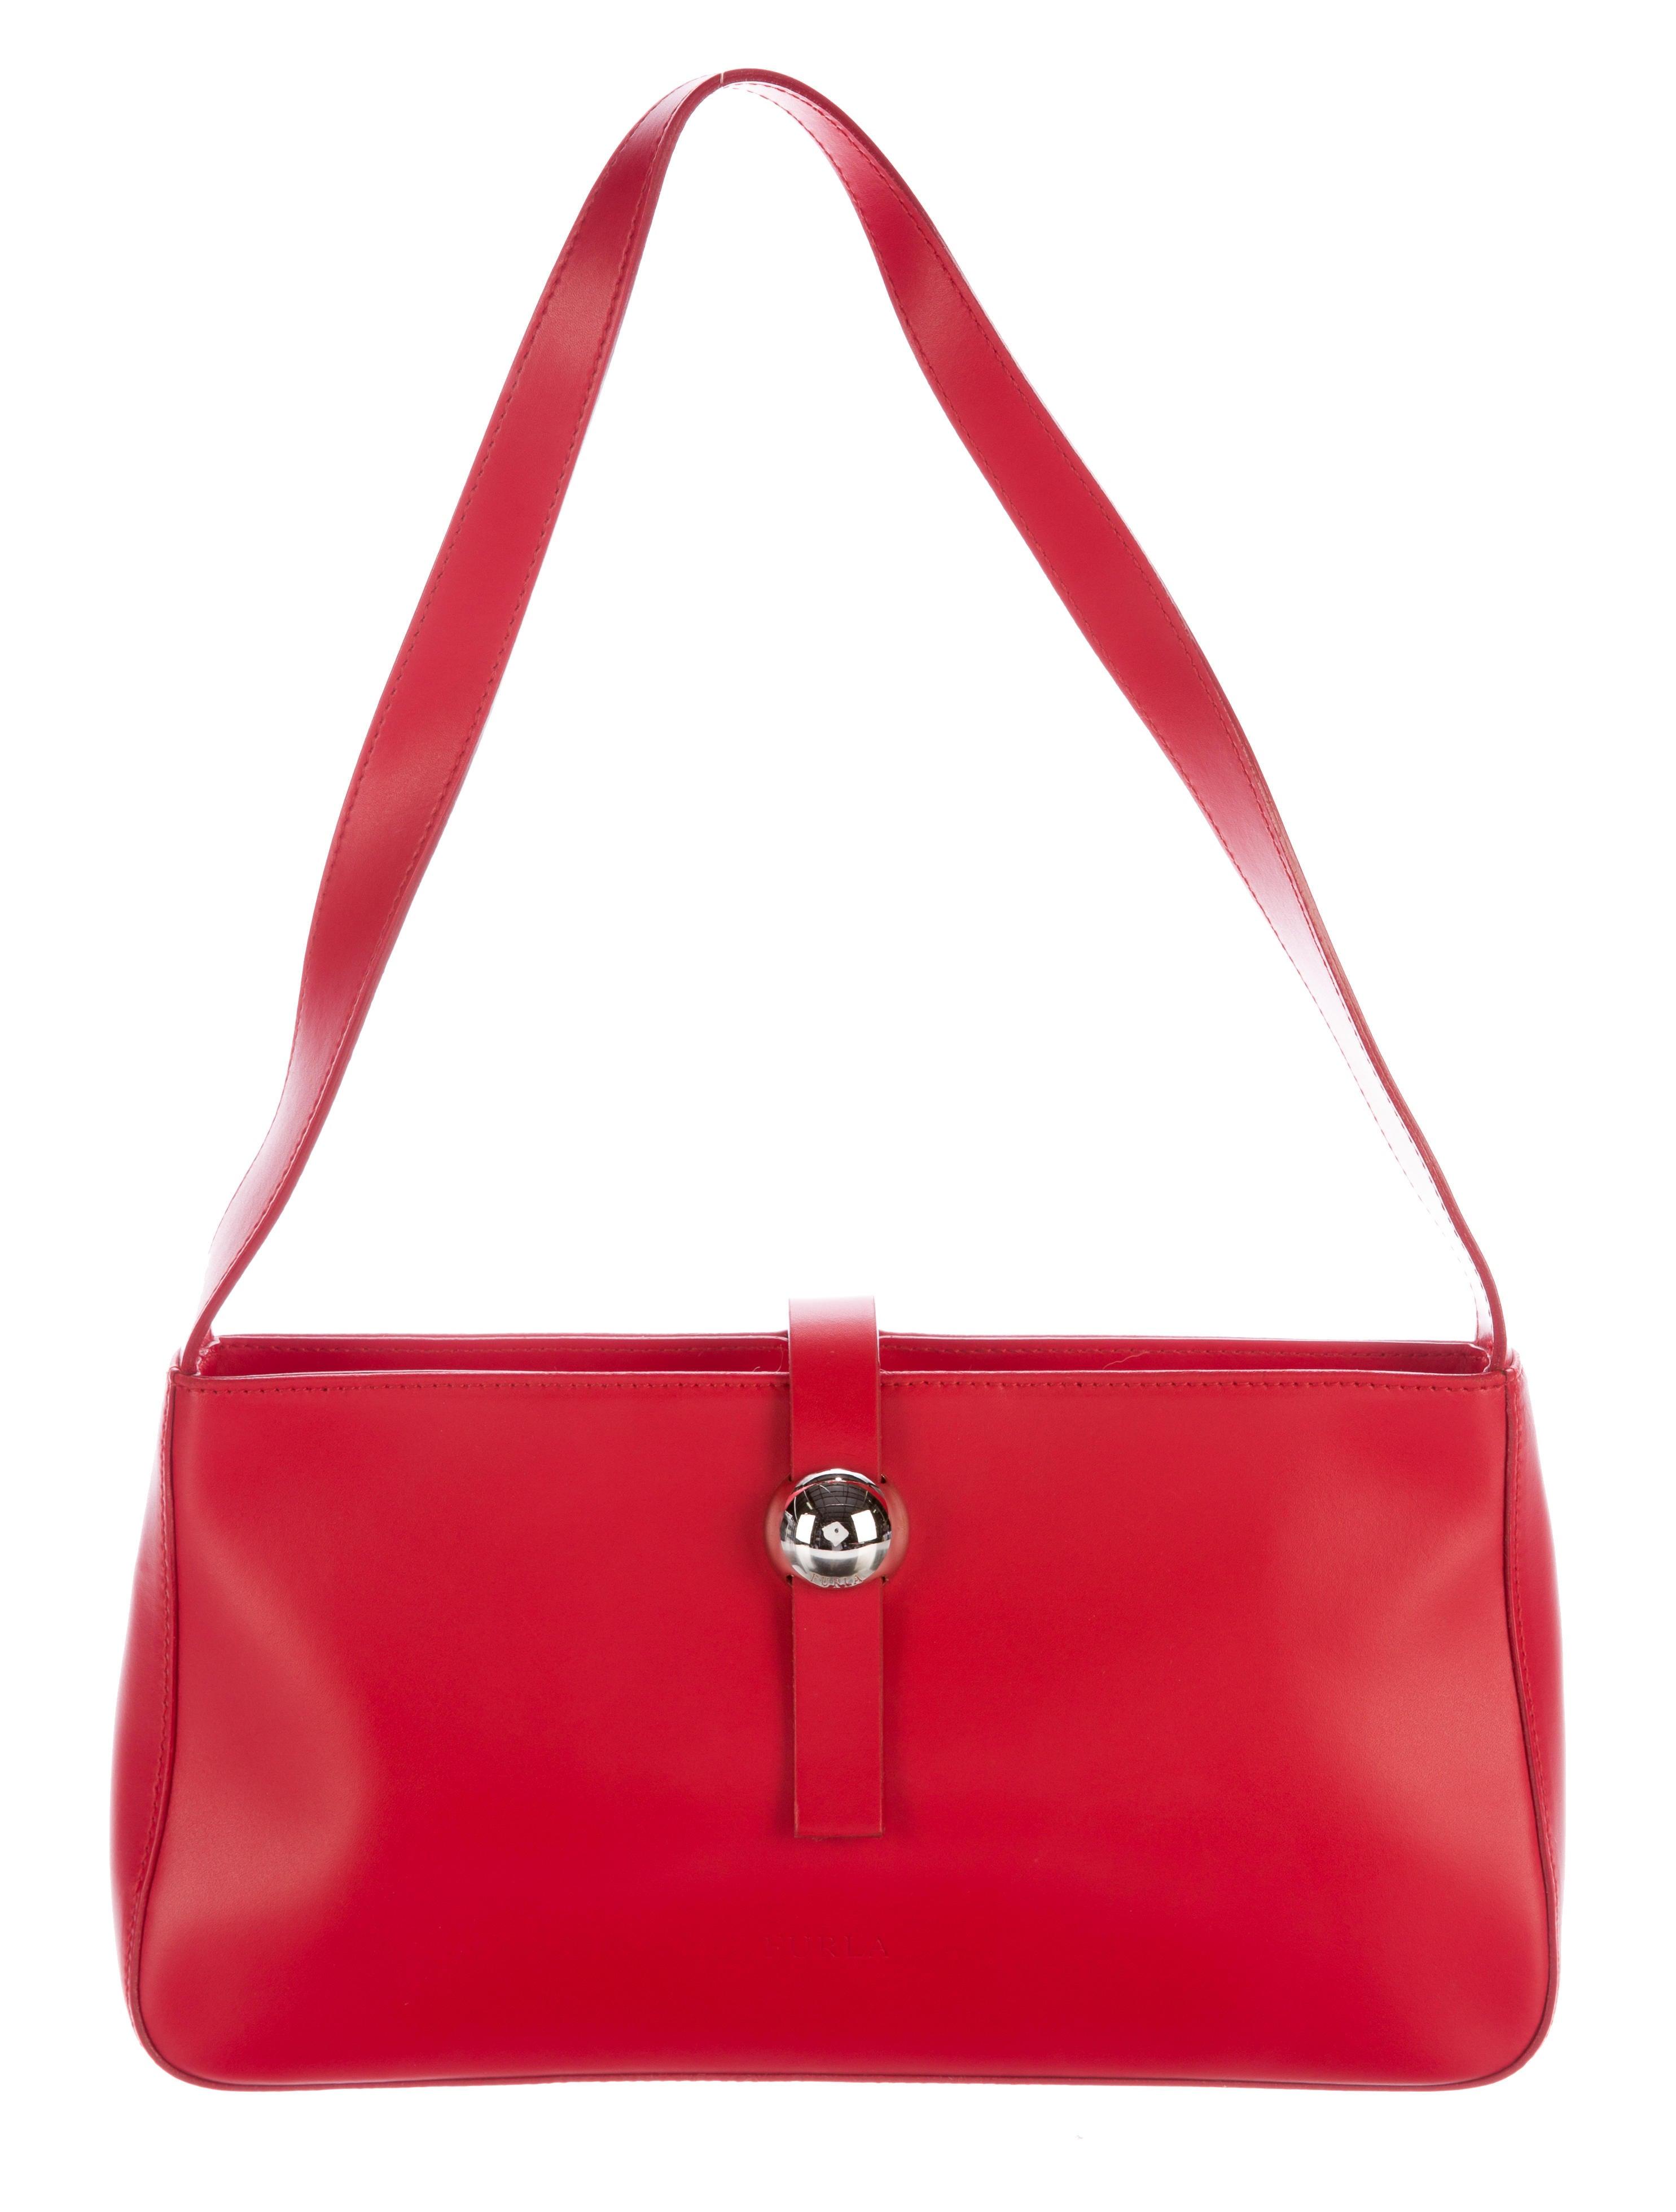 furla leather shoulder bag handbags wfu20270 the realreal. Black Bedroom Furniture Sets. Home Design Ideas